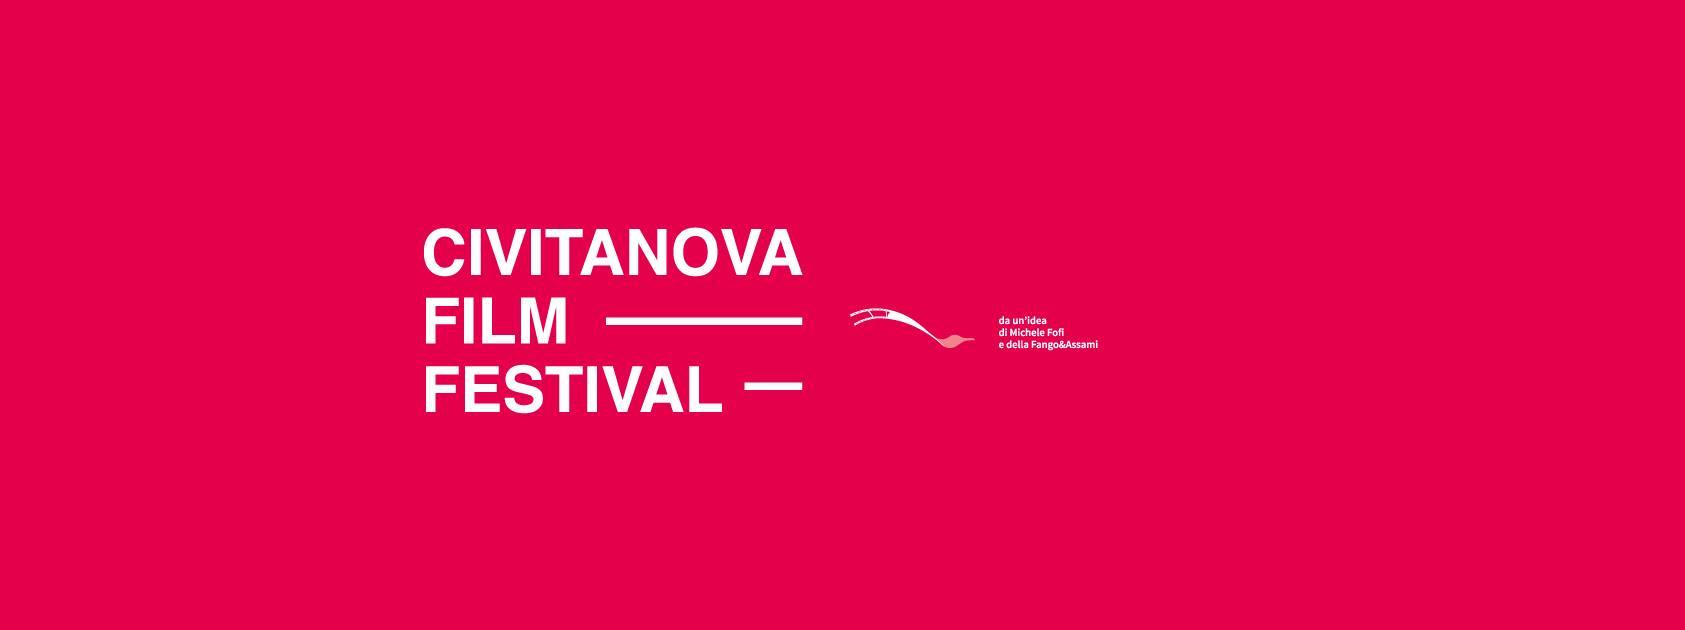 Civitanova Film Festival, domani il vincitore